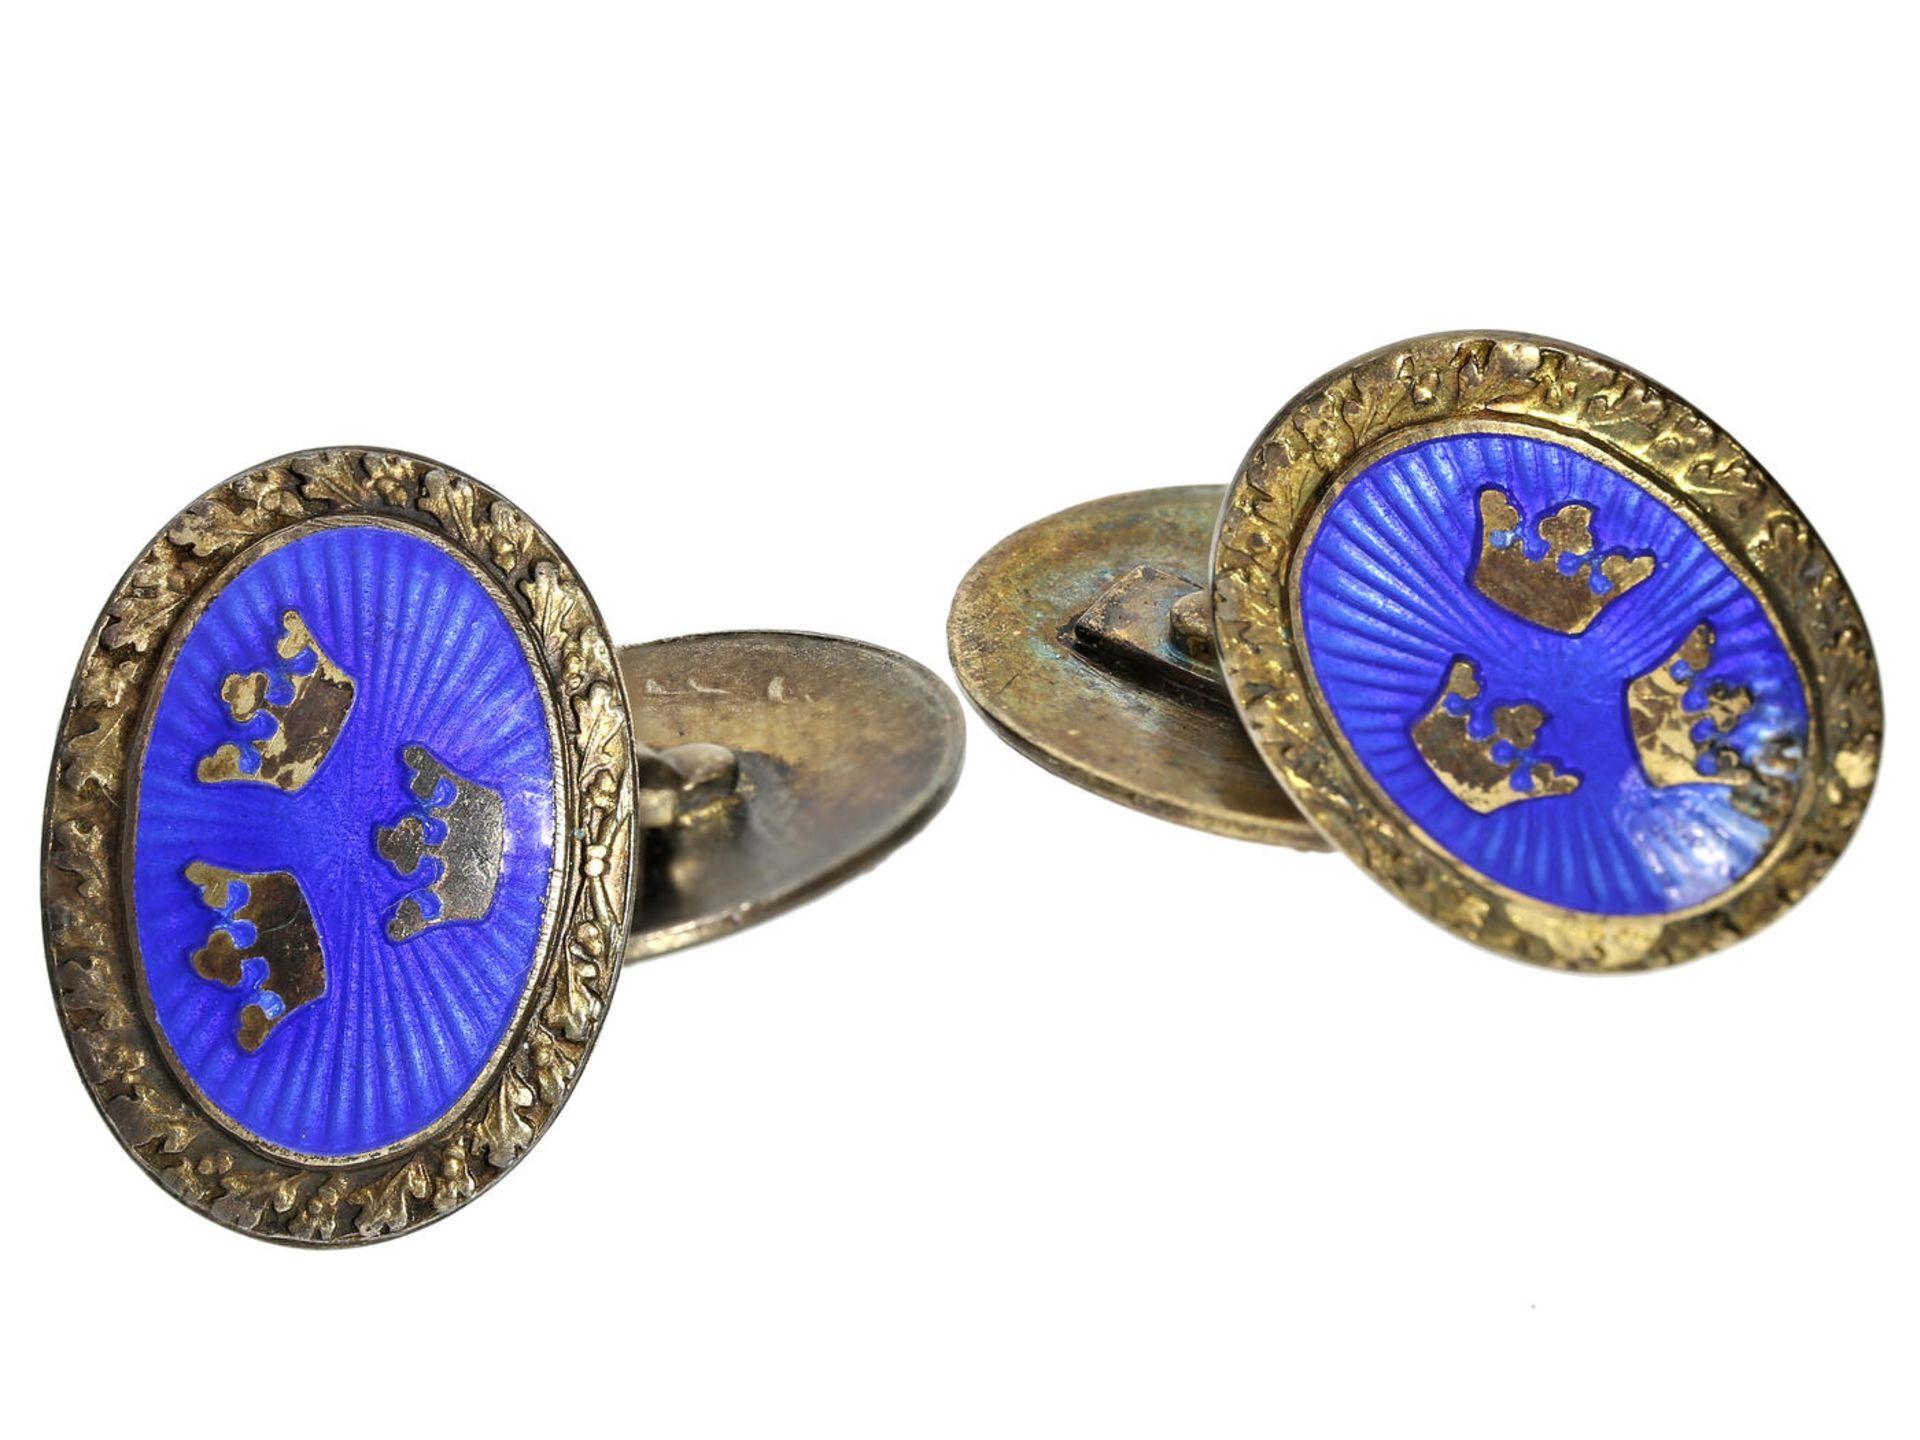 Los 6041 - Manschettenknöpfe: dekorative Manschettenknöpfe im Fabergé-Stil mit Darstellung der Krone des